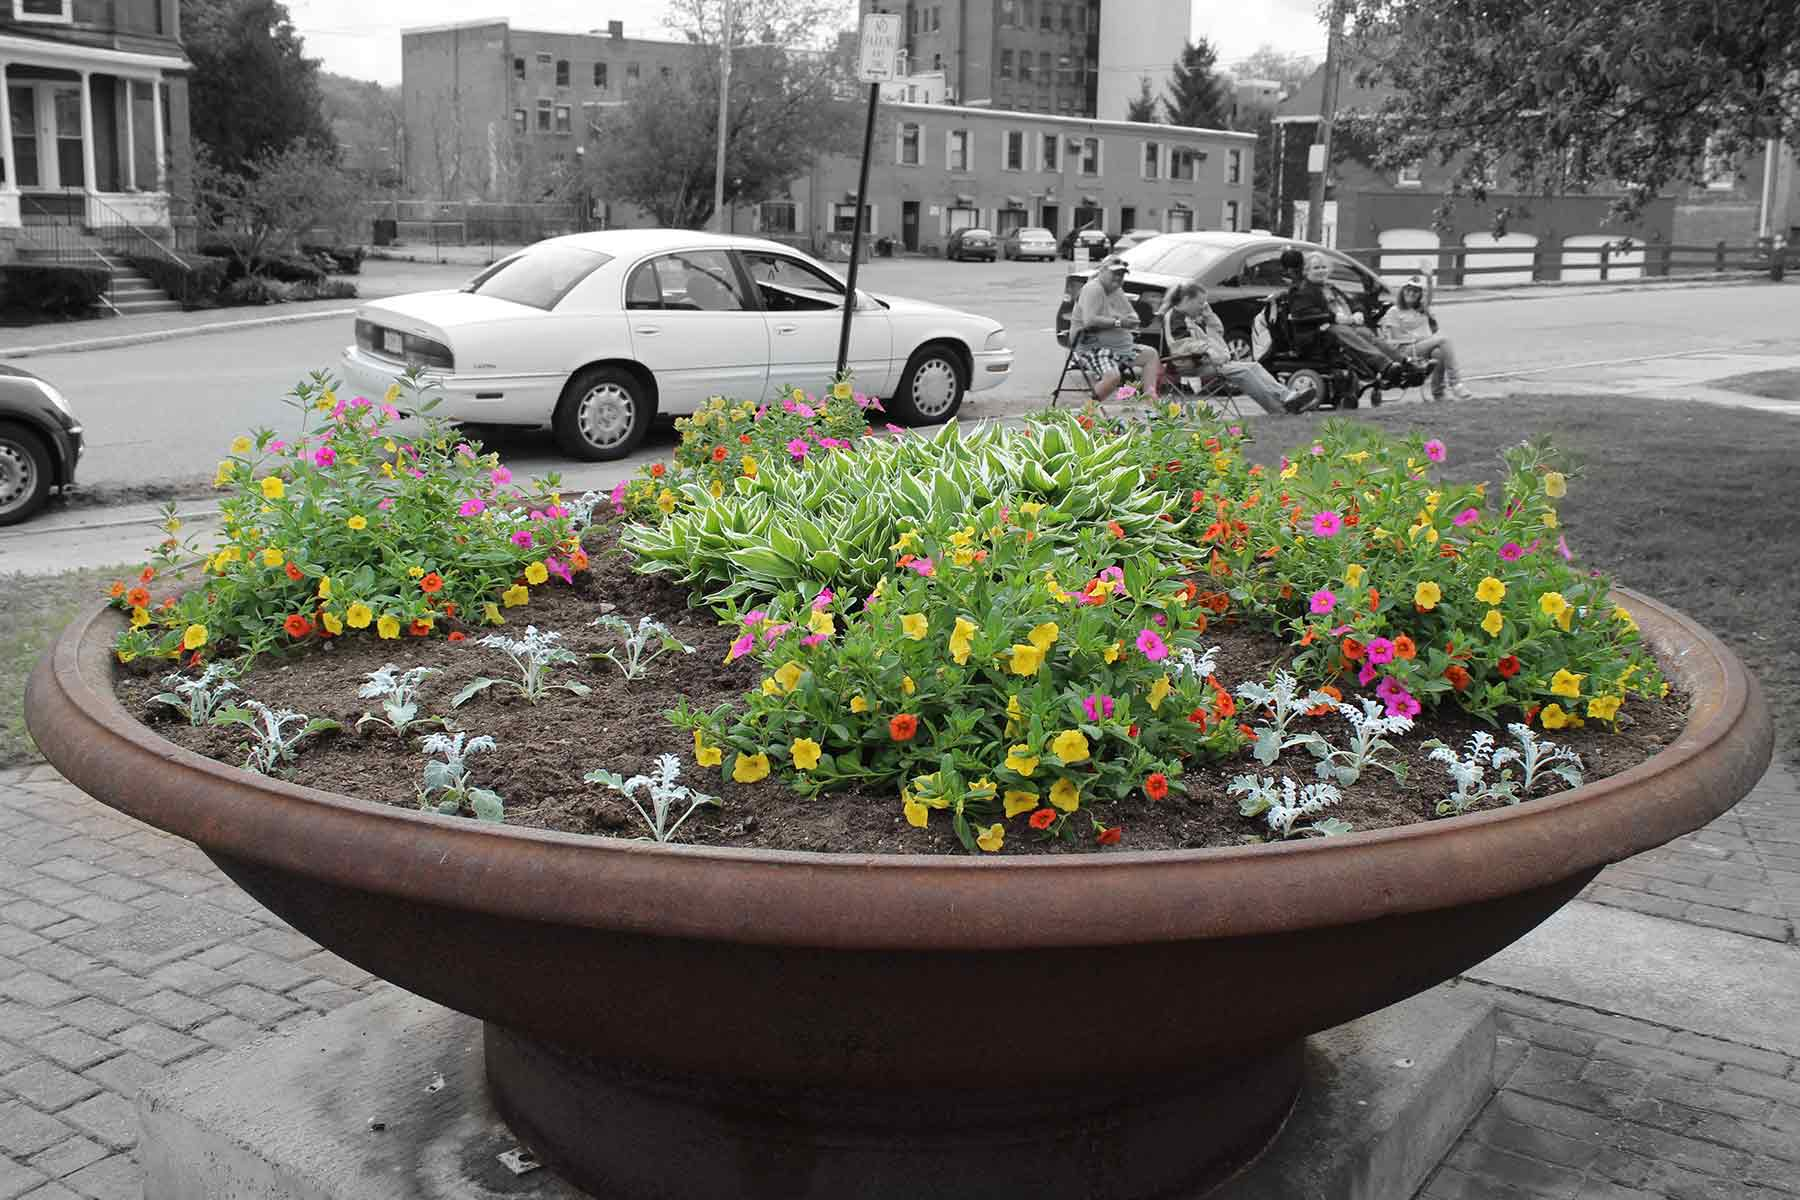 colorsplashflowers.jpg